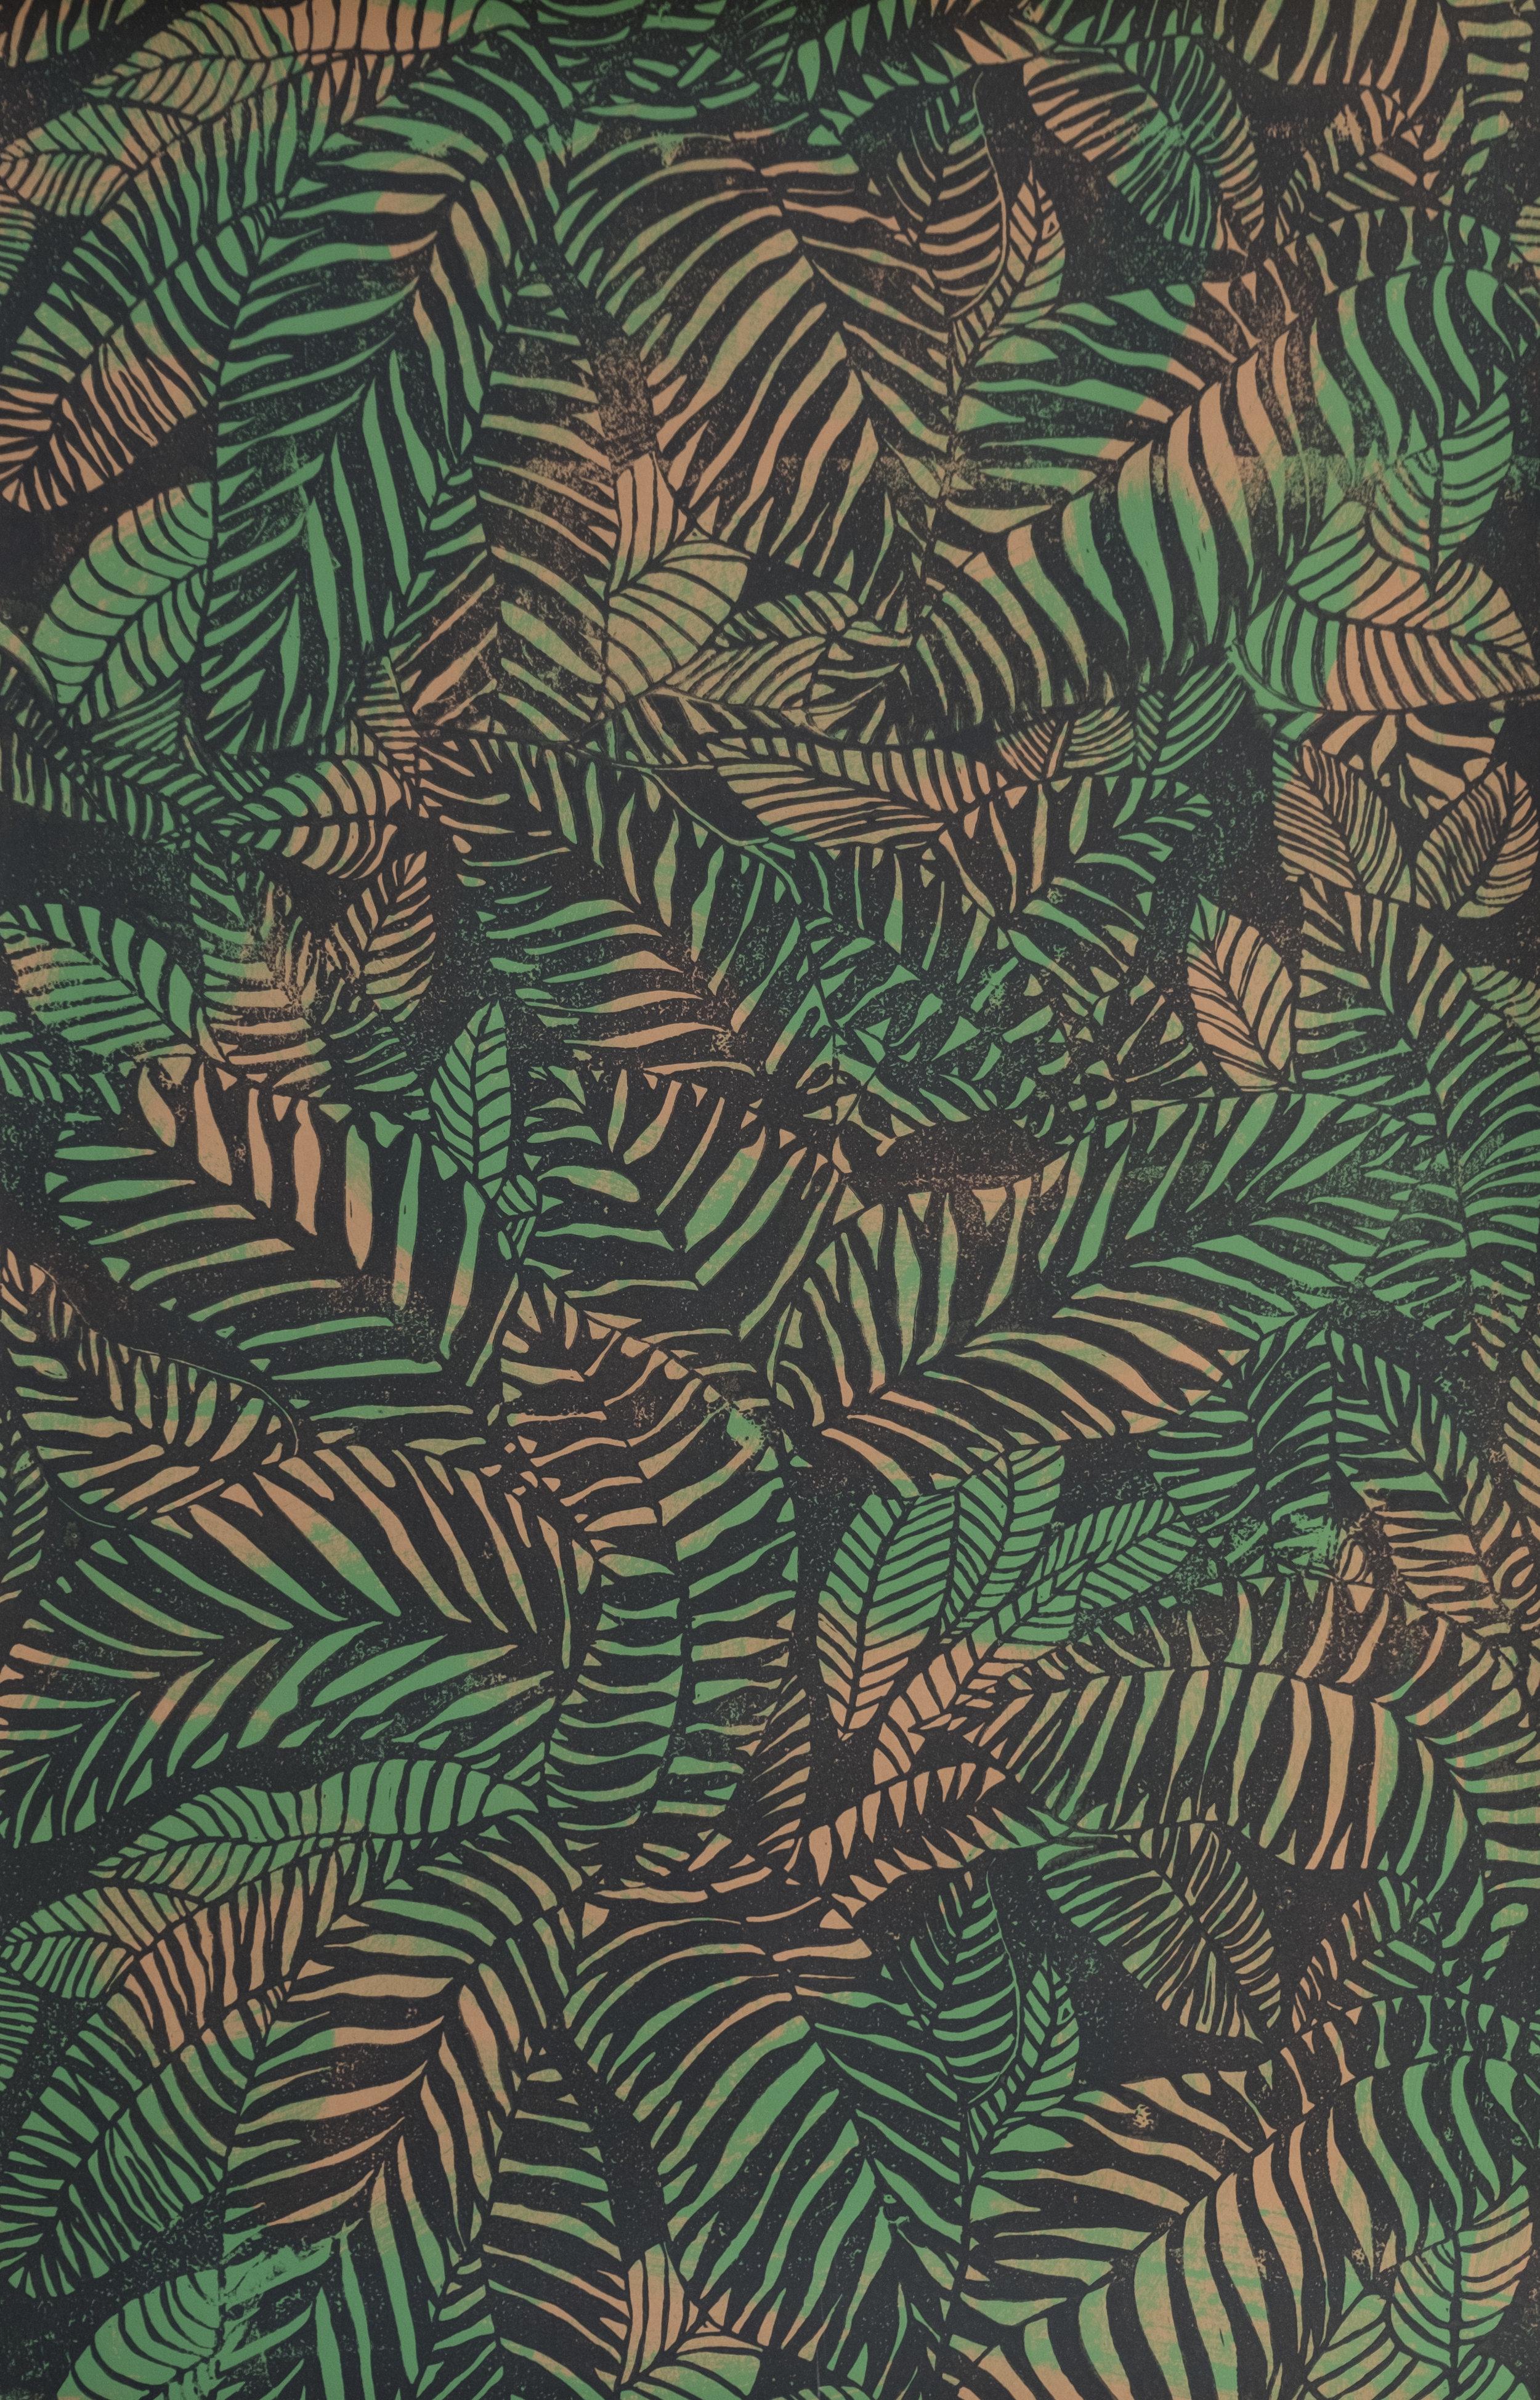 P2502 - Hawaii